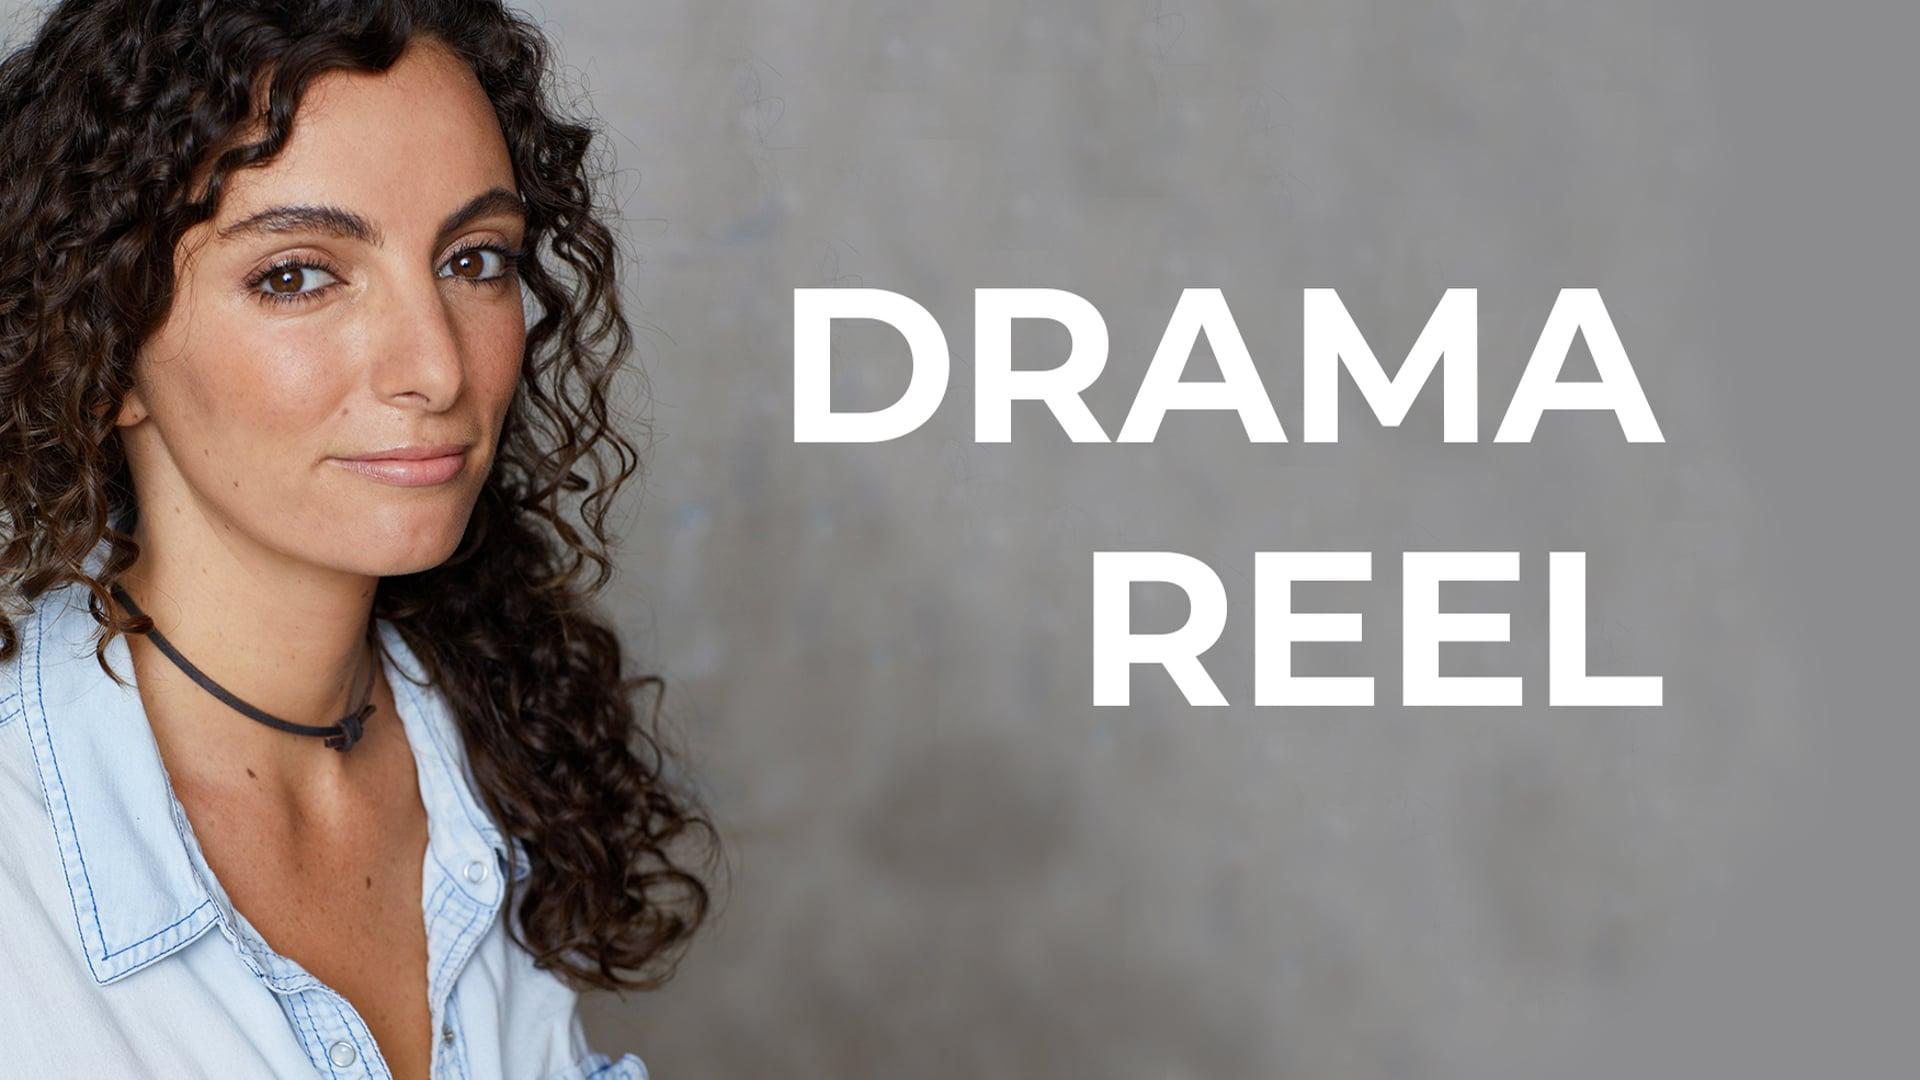 Drama Reel - Shea Depmore